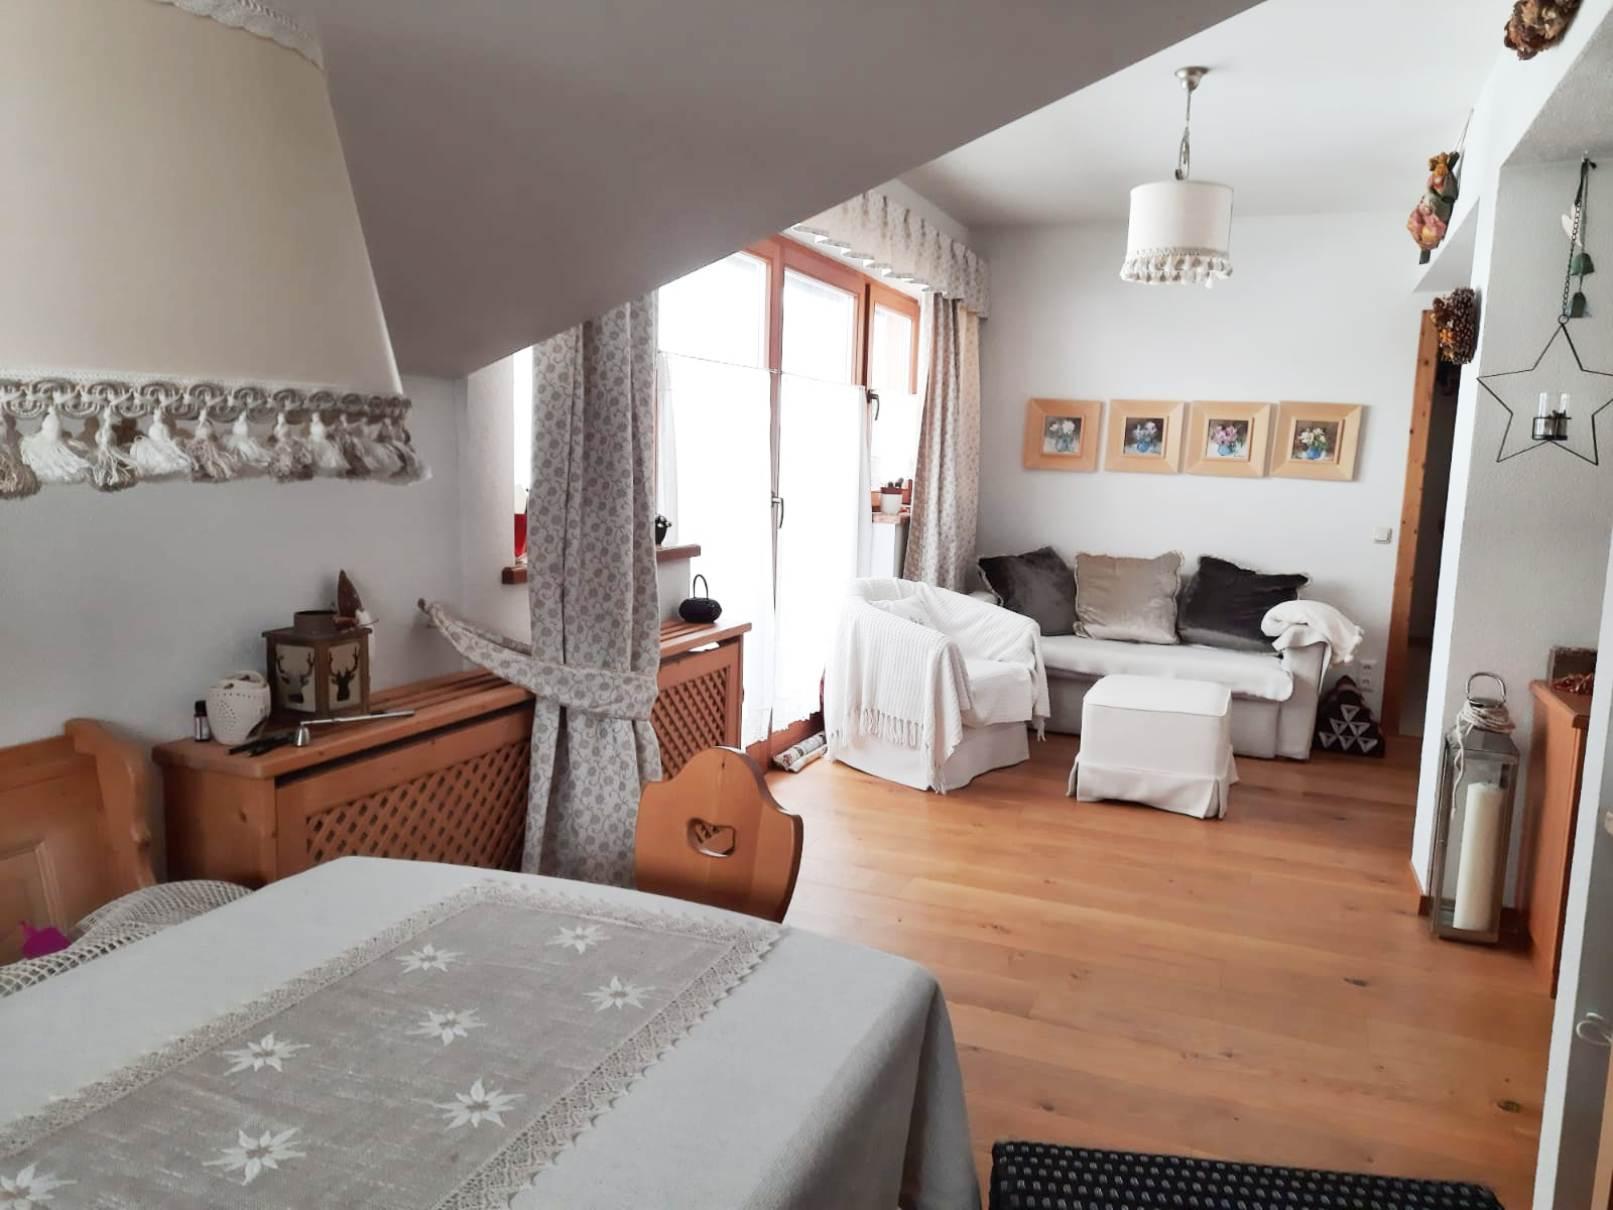 Entzückendes 2-Zimmer-Appartement mit Loggia und Freistellplatz